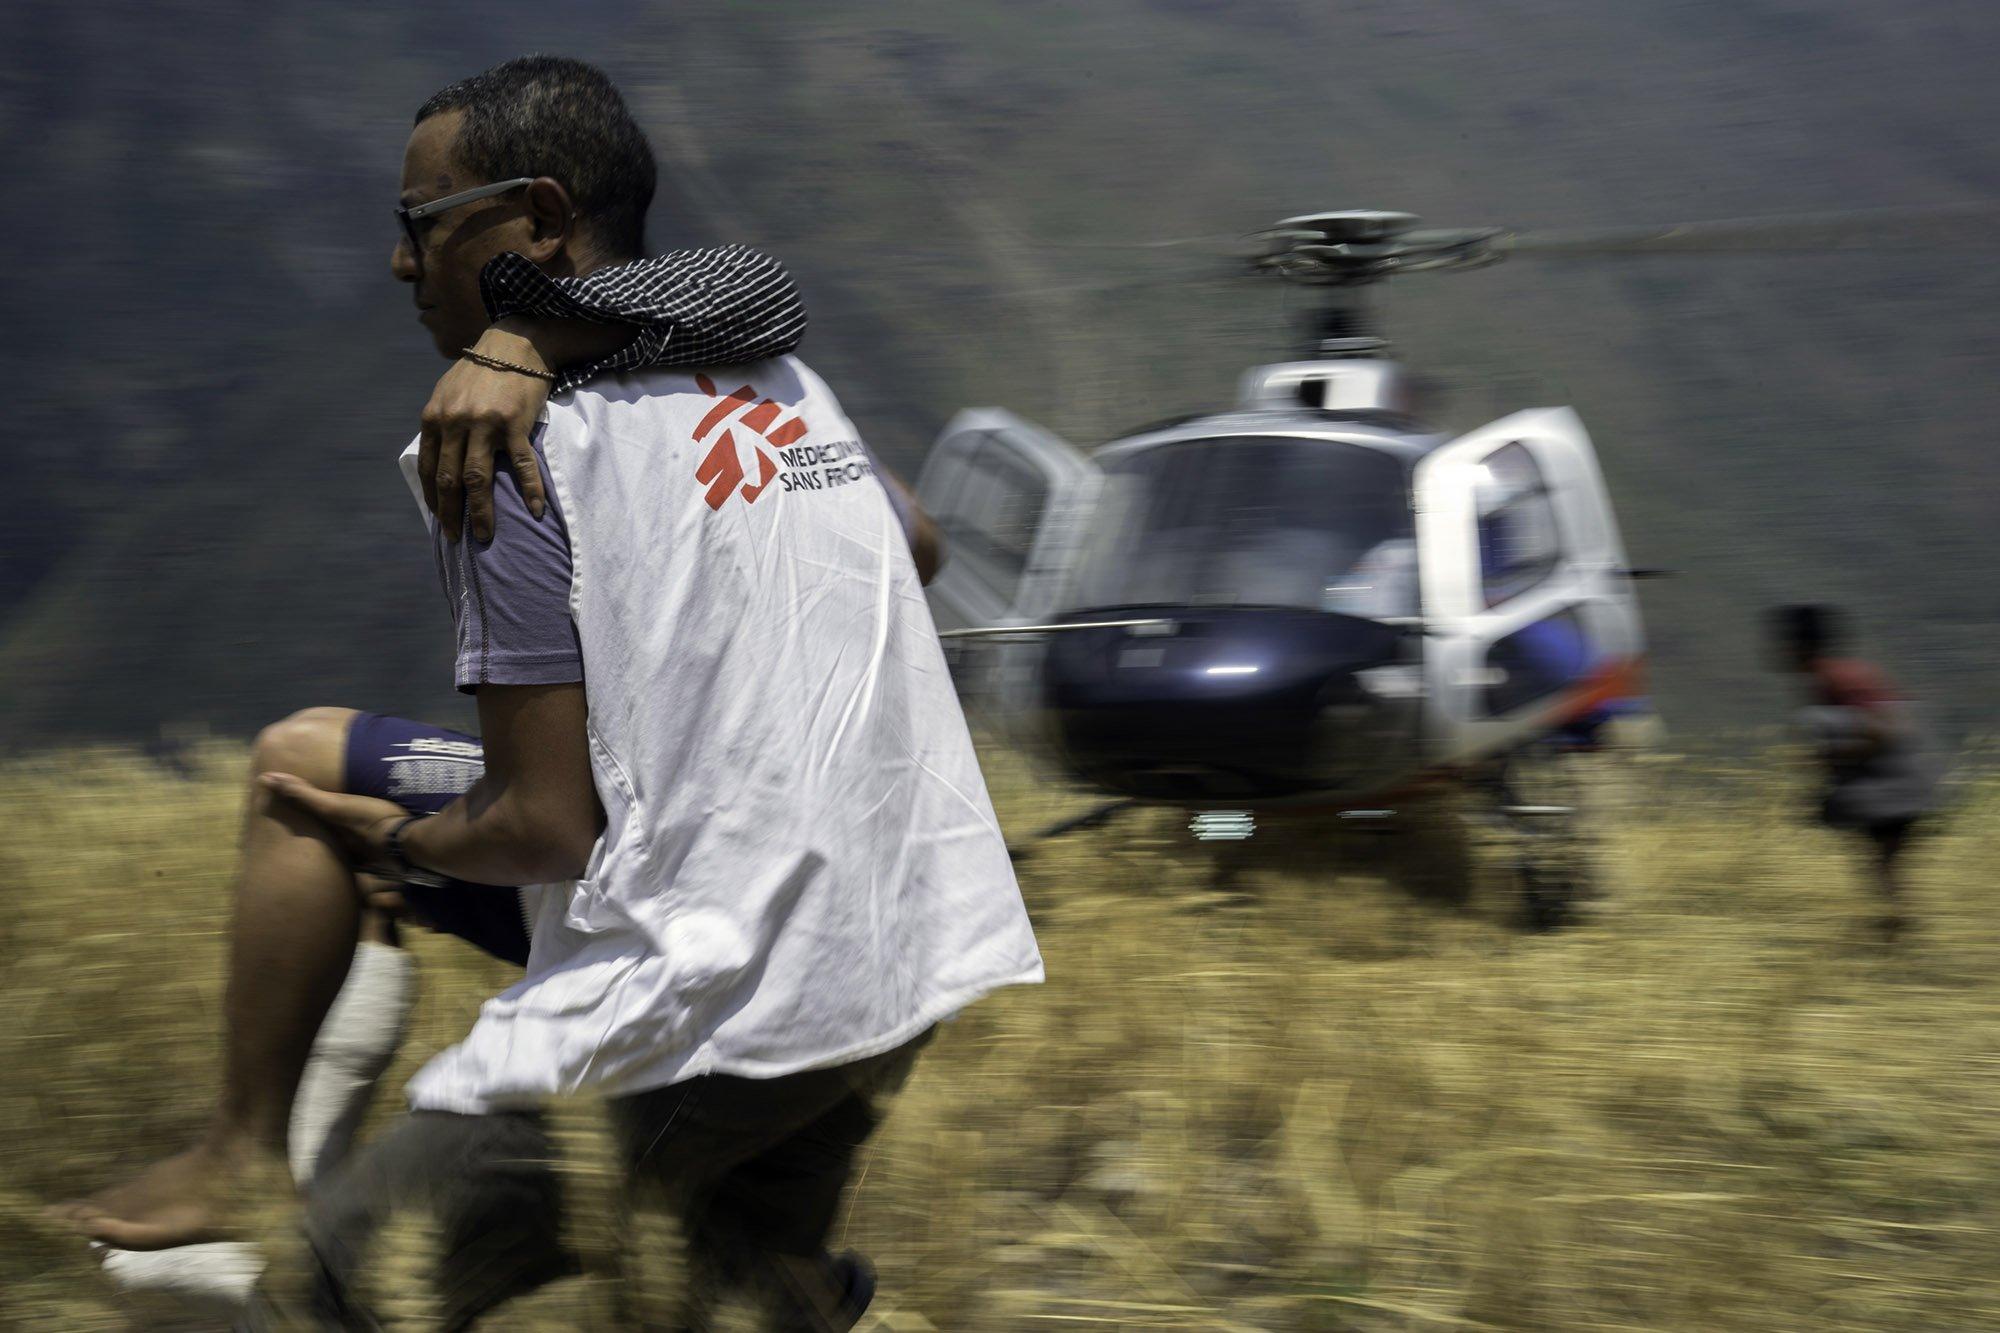 Dan Sermand, MSF emergency coordinator in Nepal